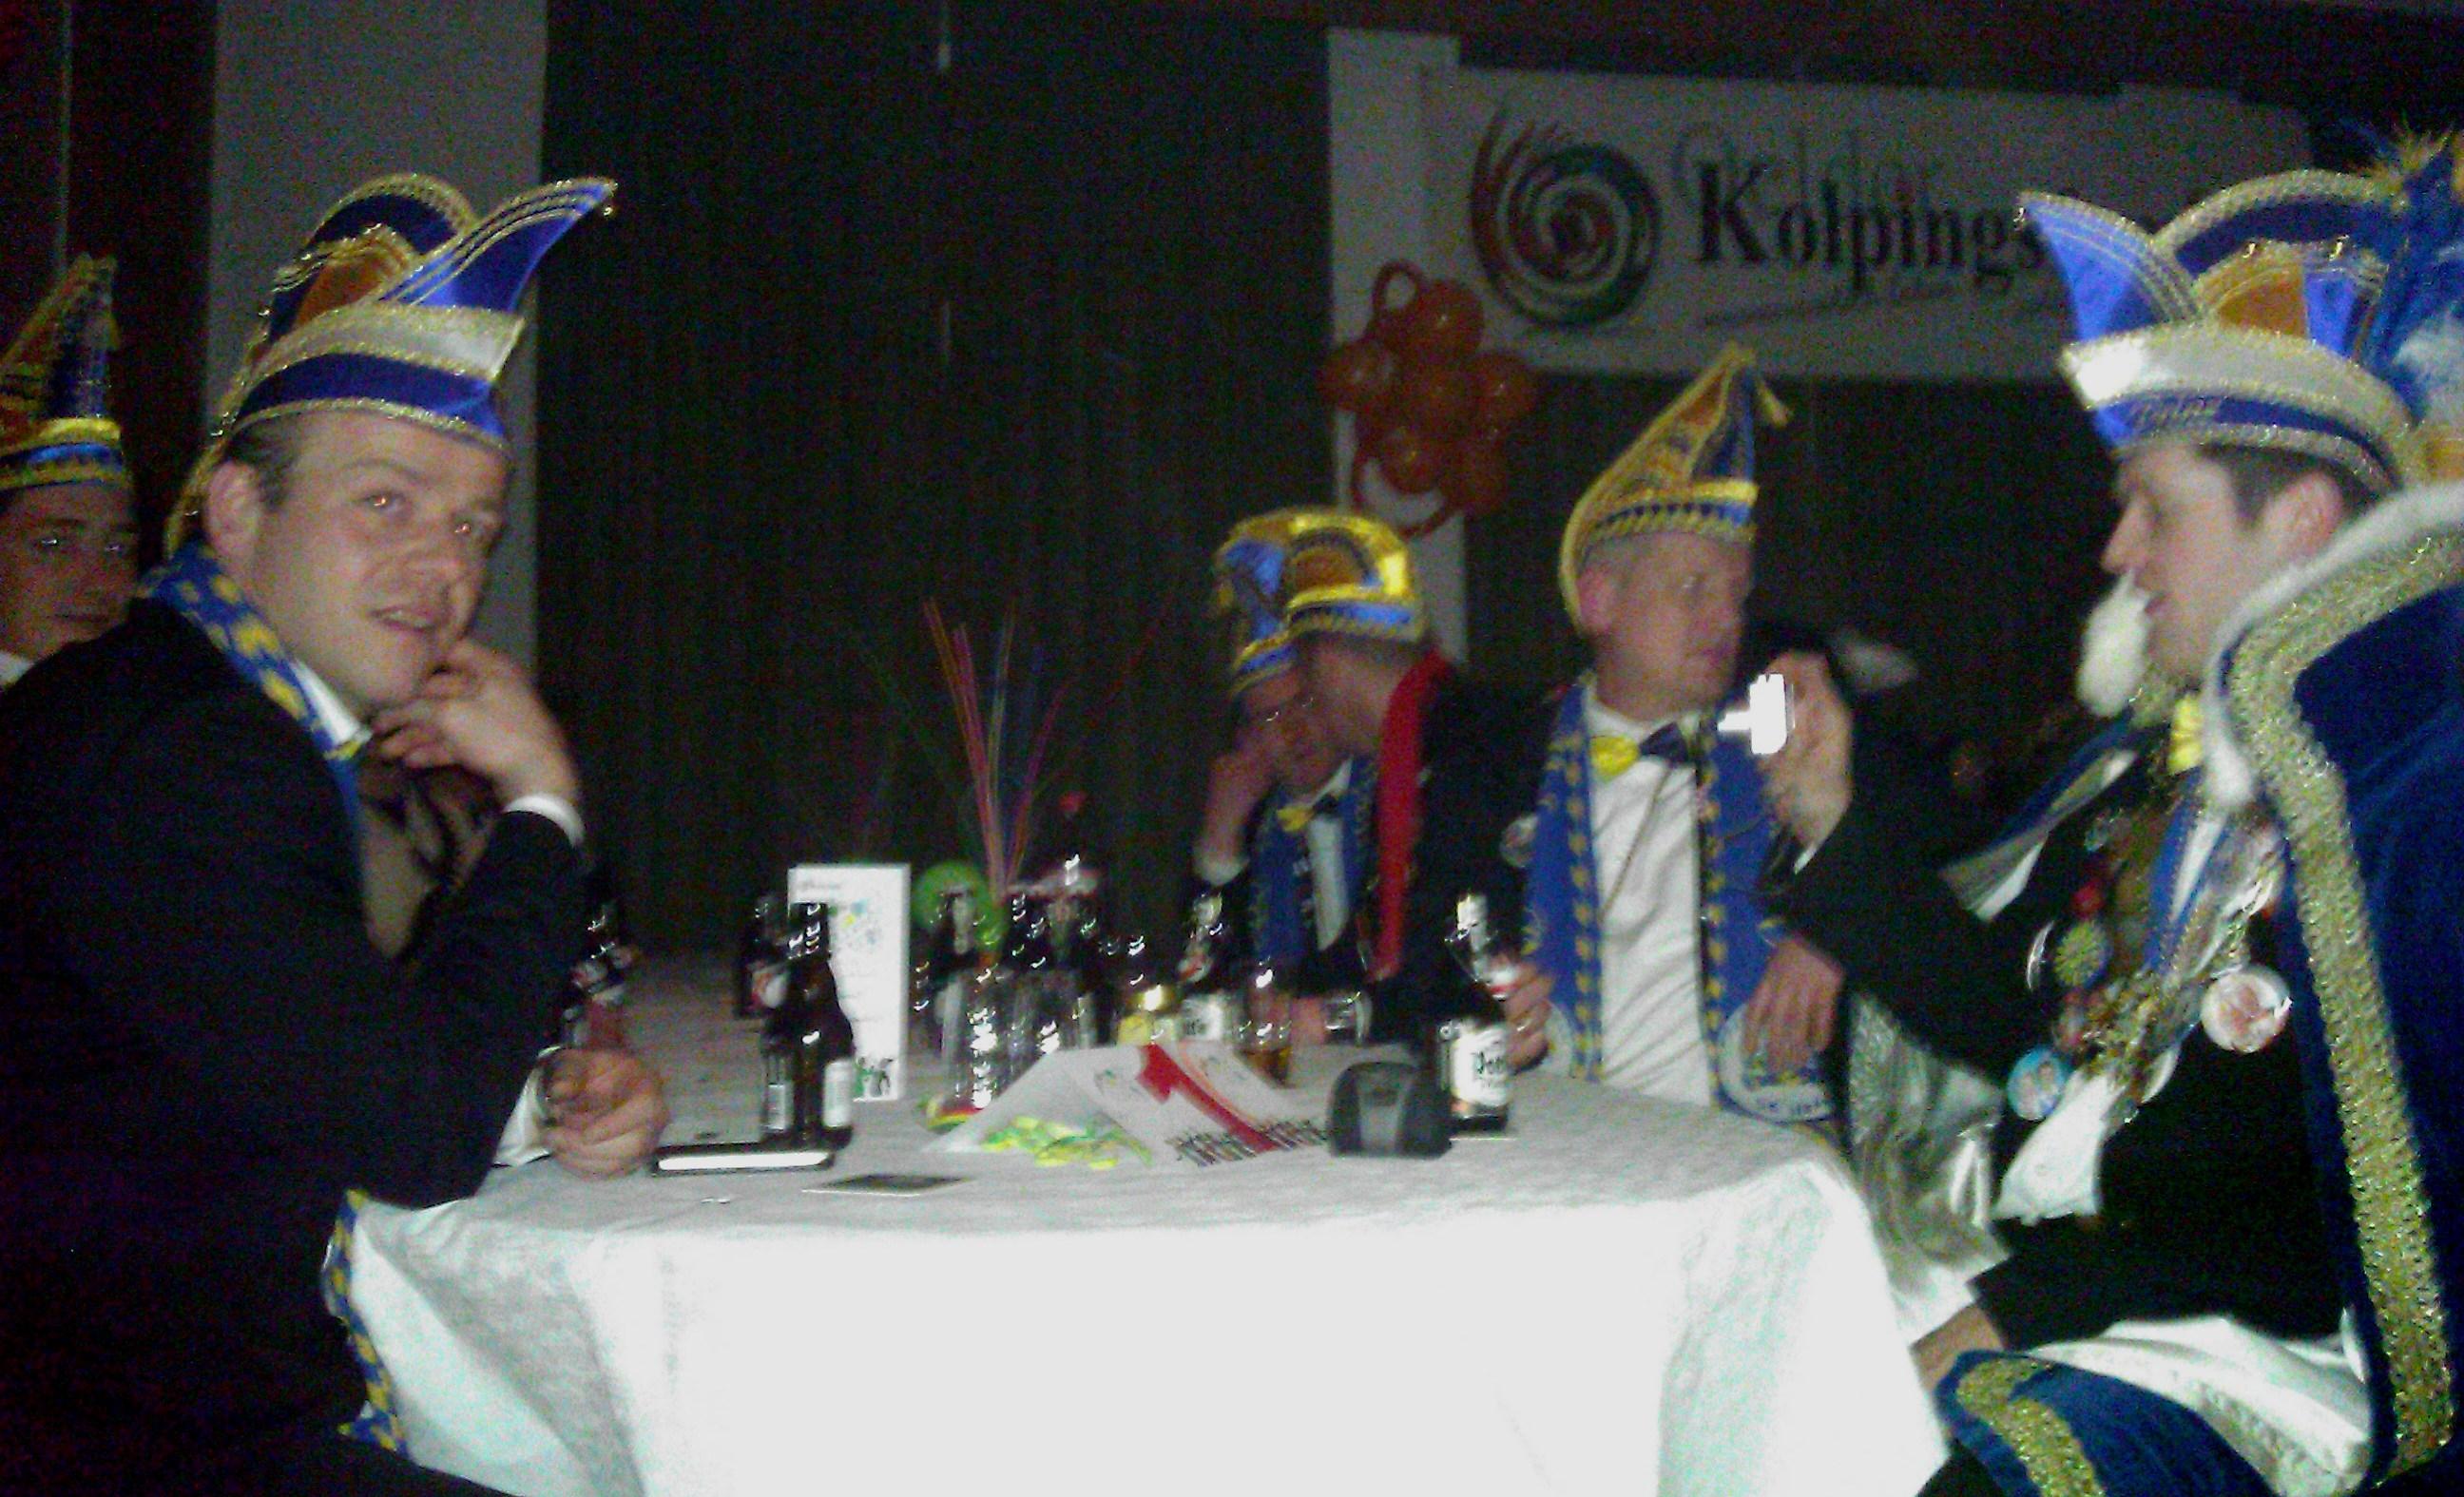 SK Sünninghausen zu Gast beim Kolping Karneval Oelde